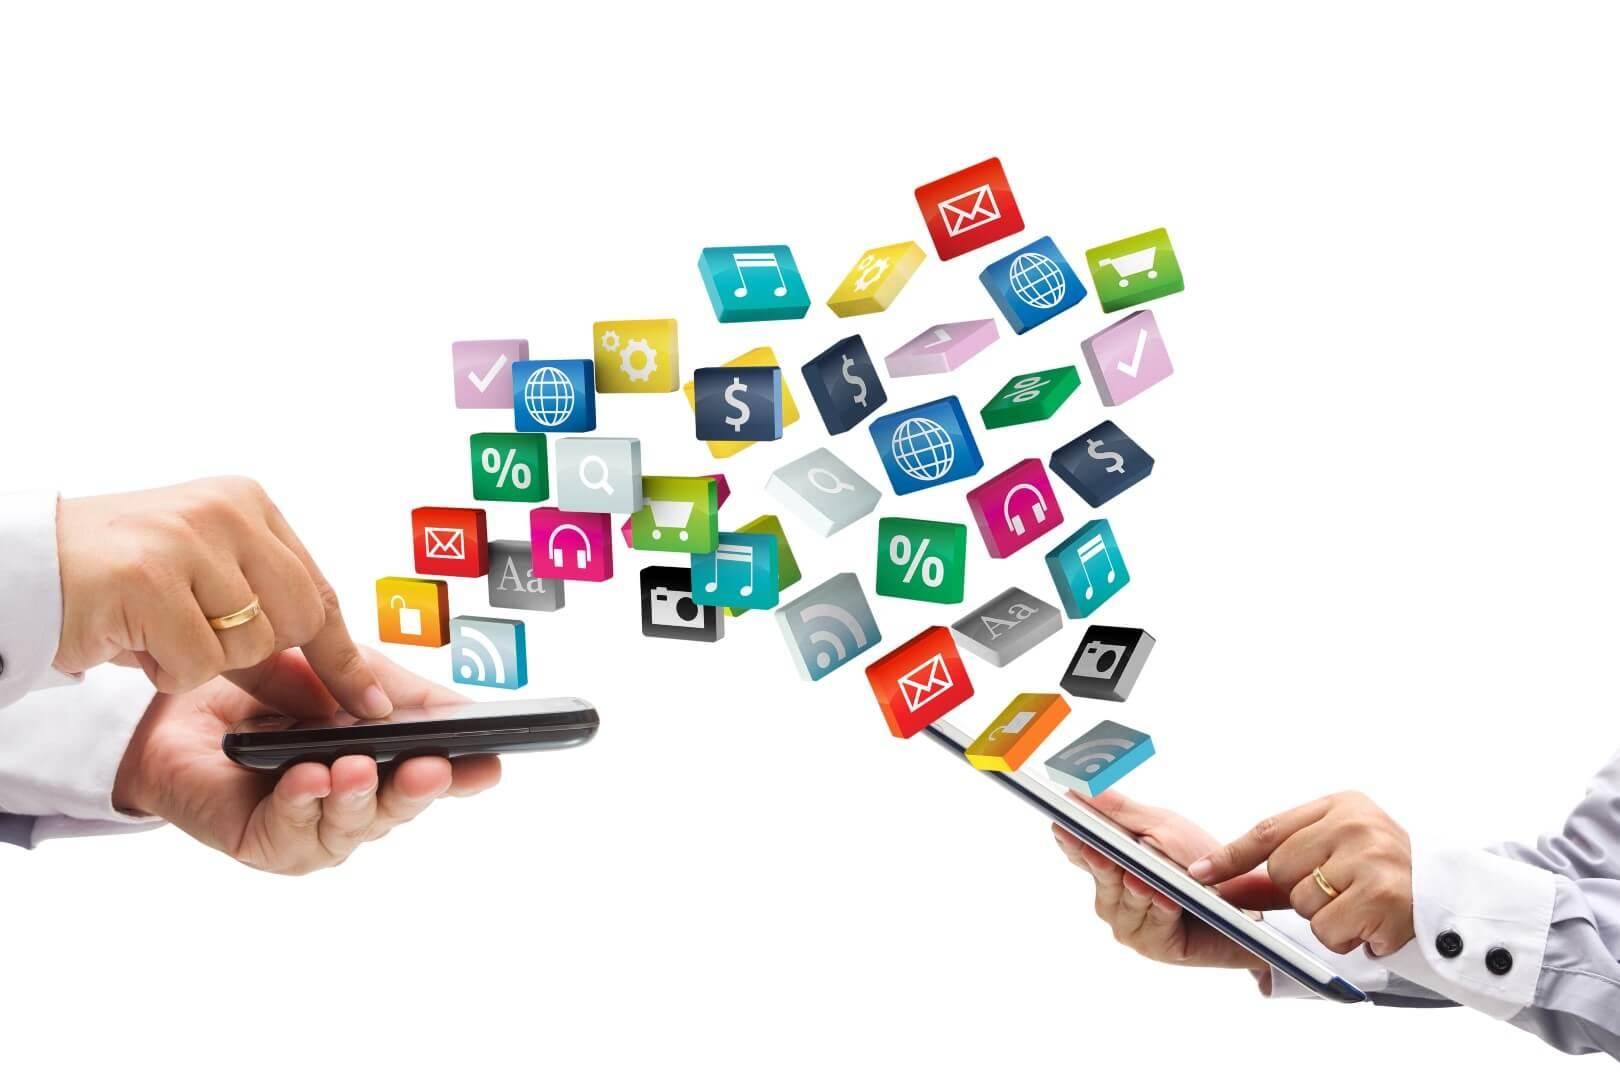 Поиск работы и социальные сети